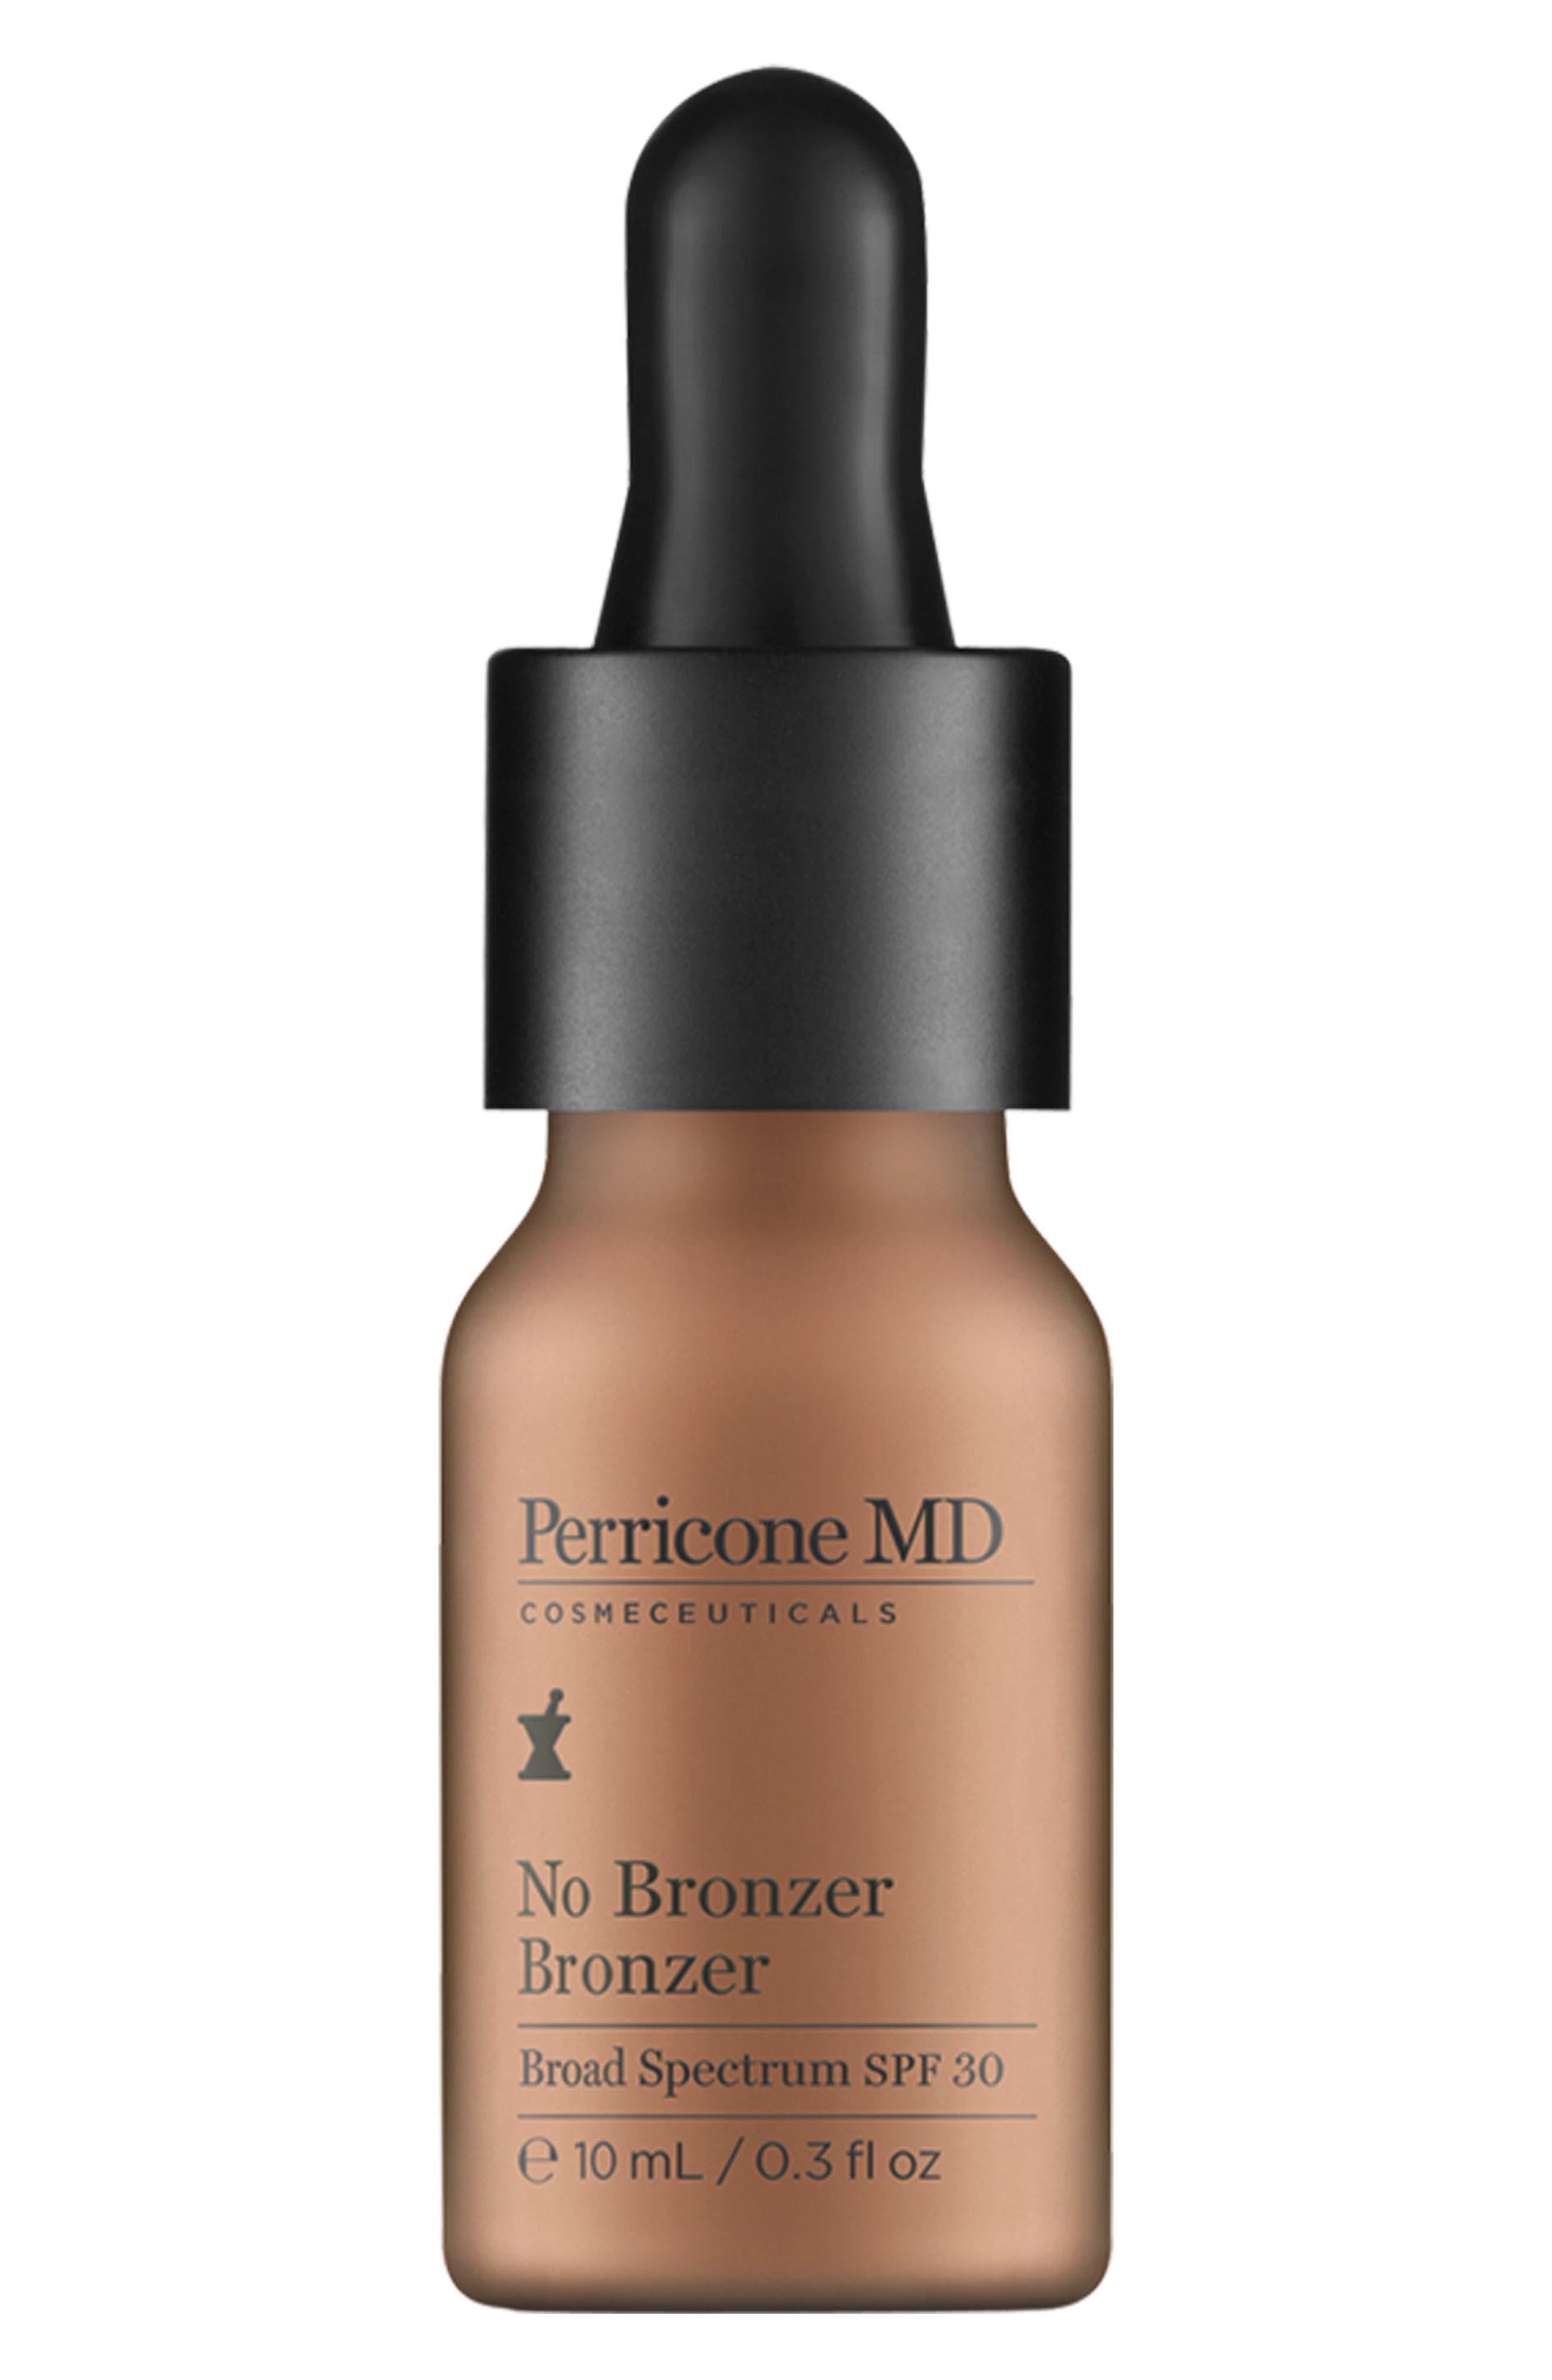 PERRICONE MD No Bronzer Bronzer Broad Spectrum SPF